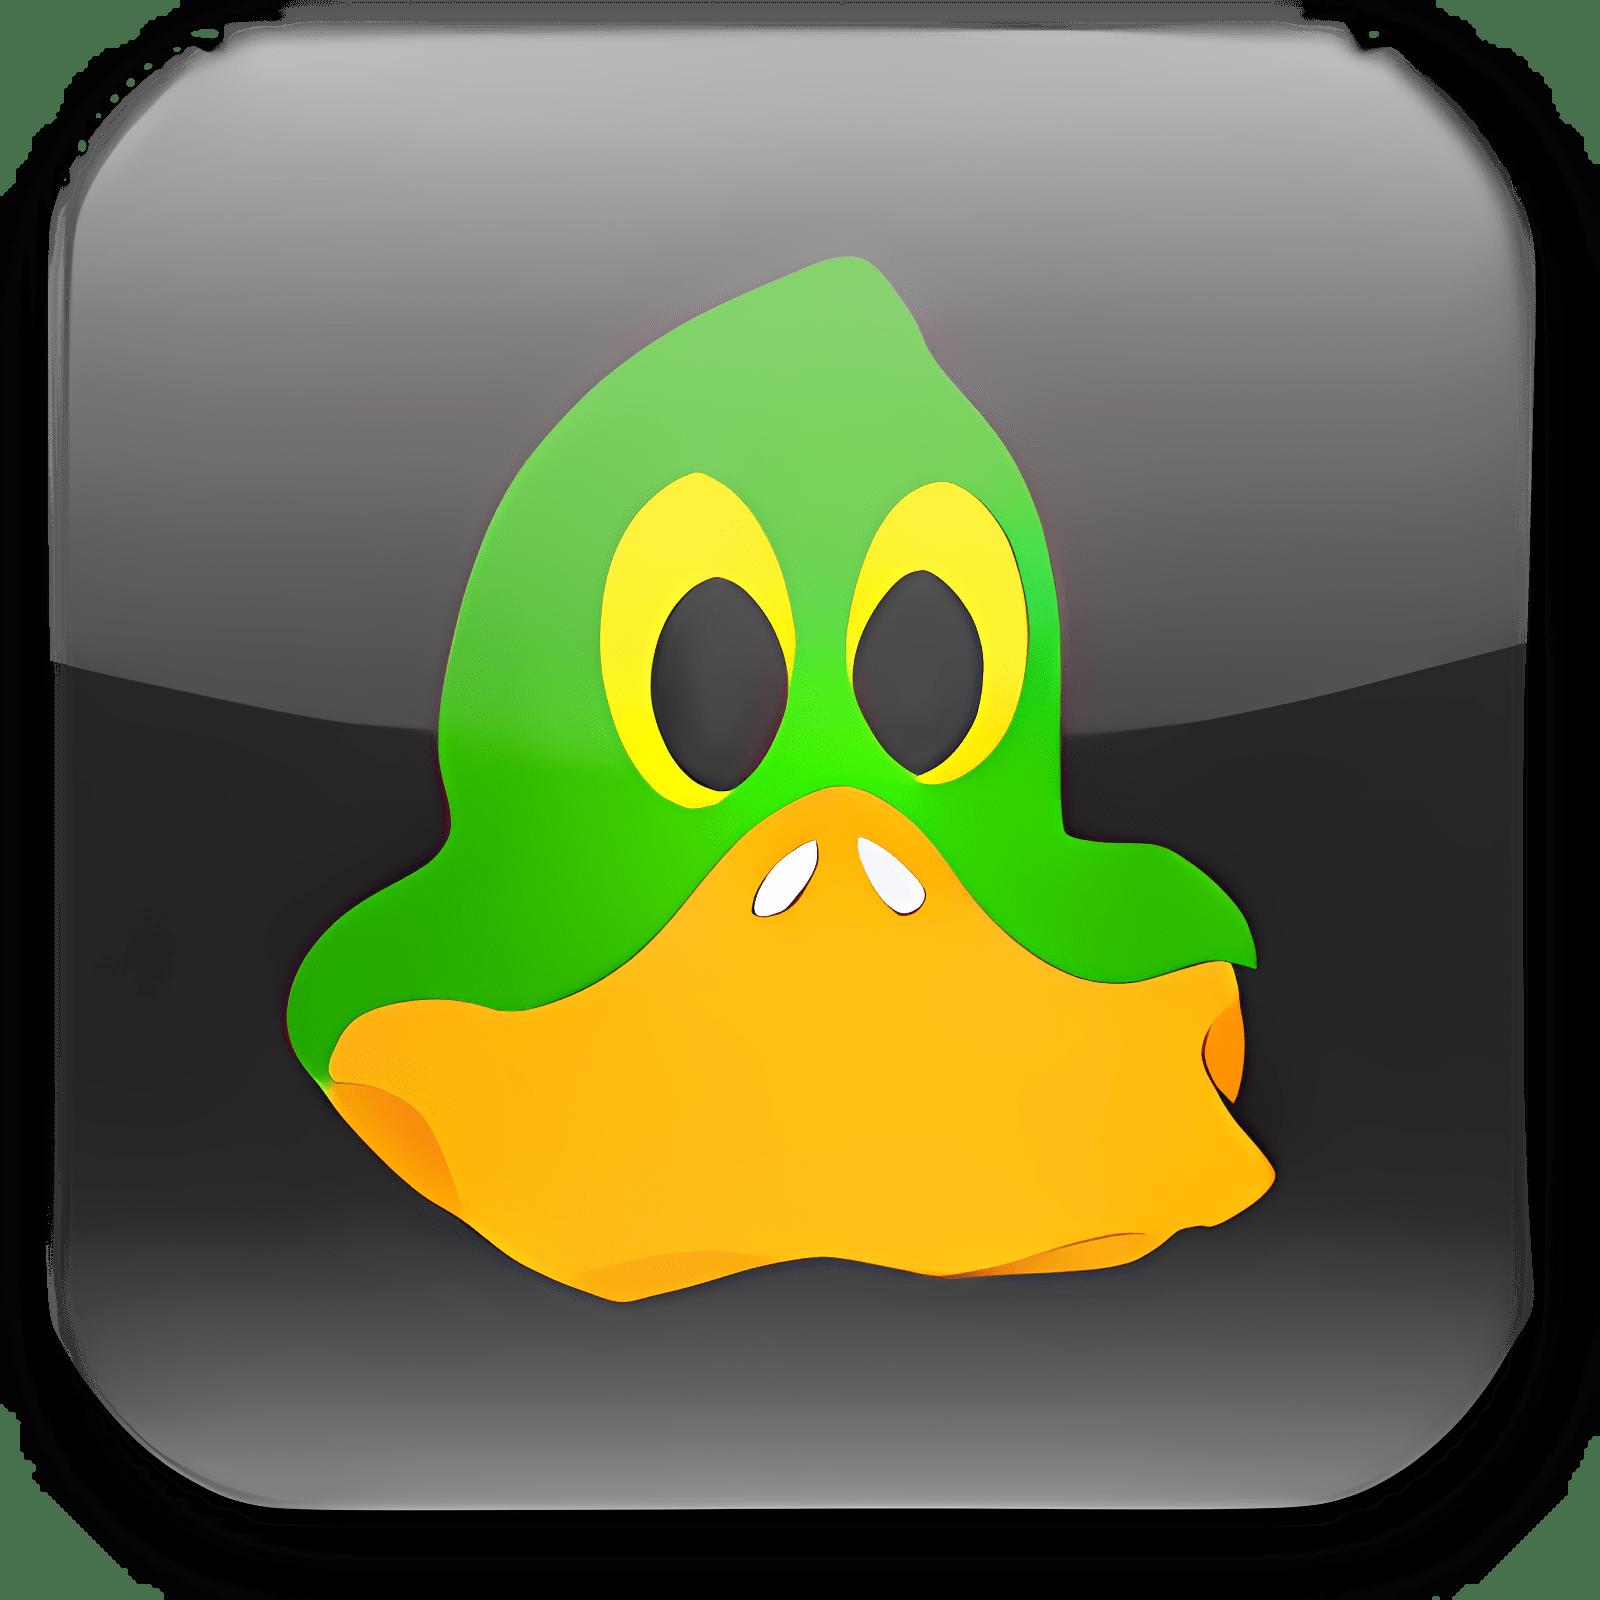 DuckLink